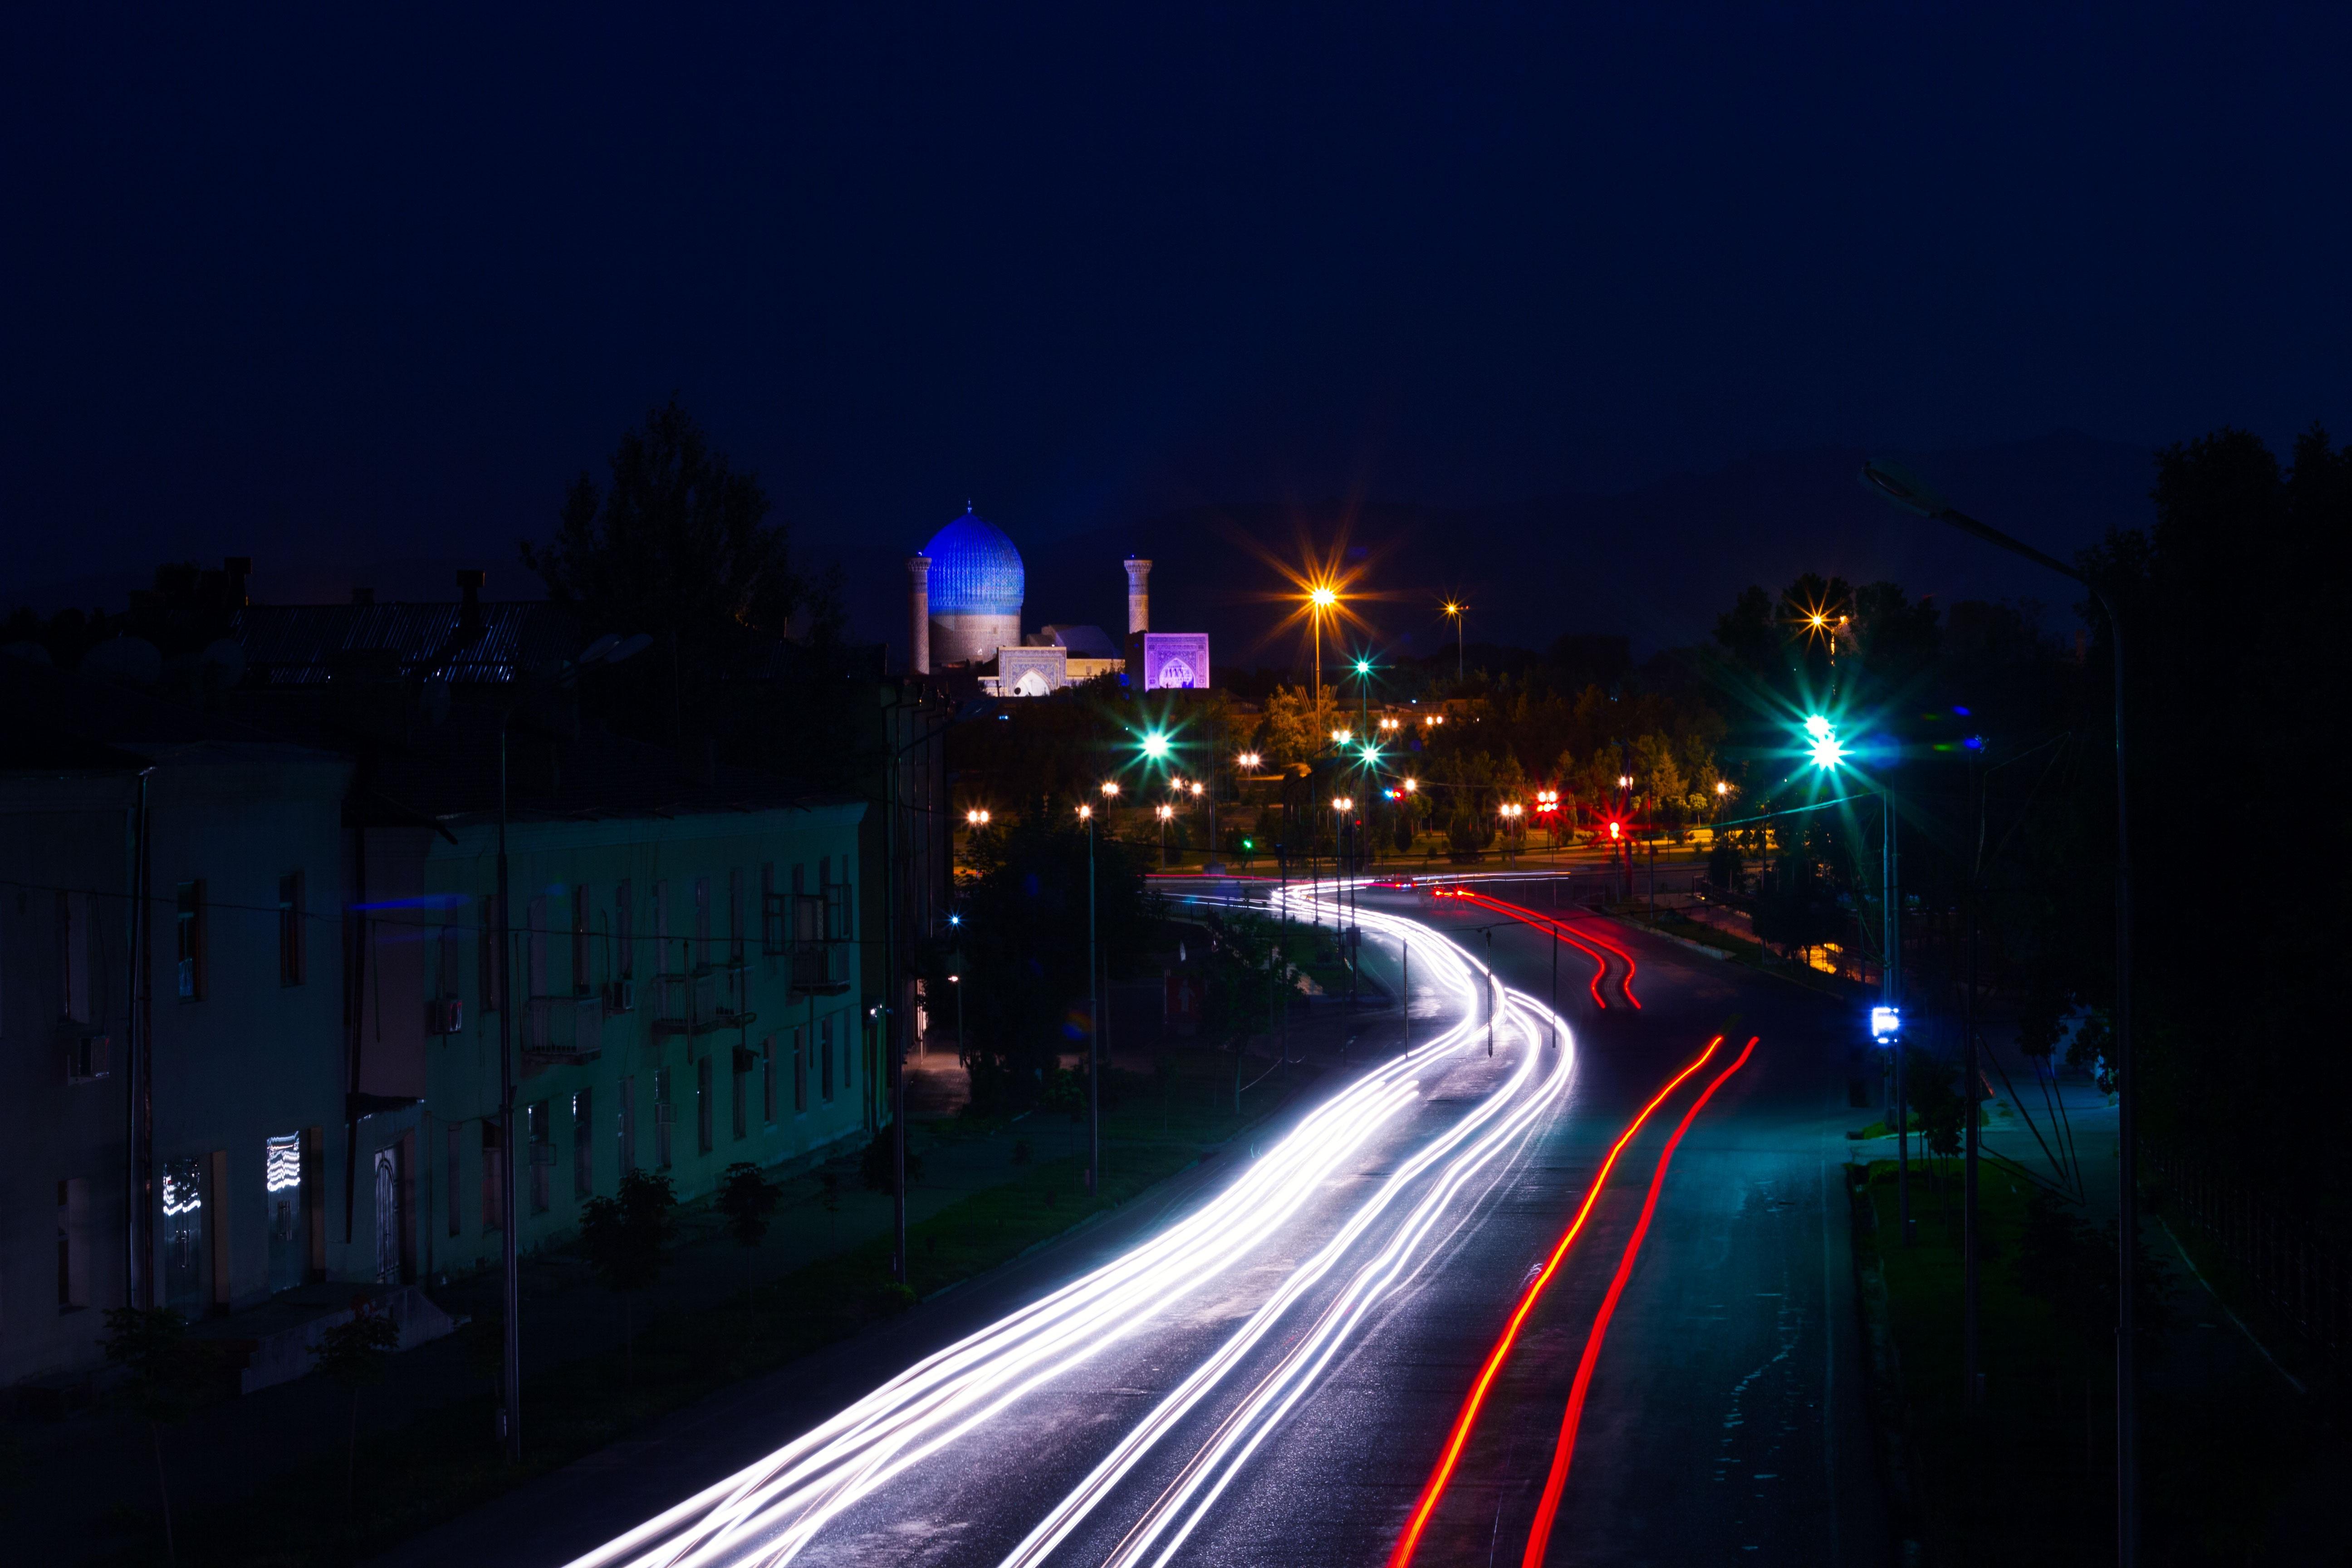 Gambar Cahaya Pemandangan Kota Liburan Senja Mengangkut